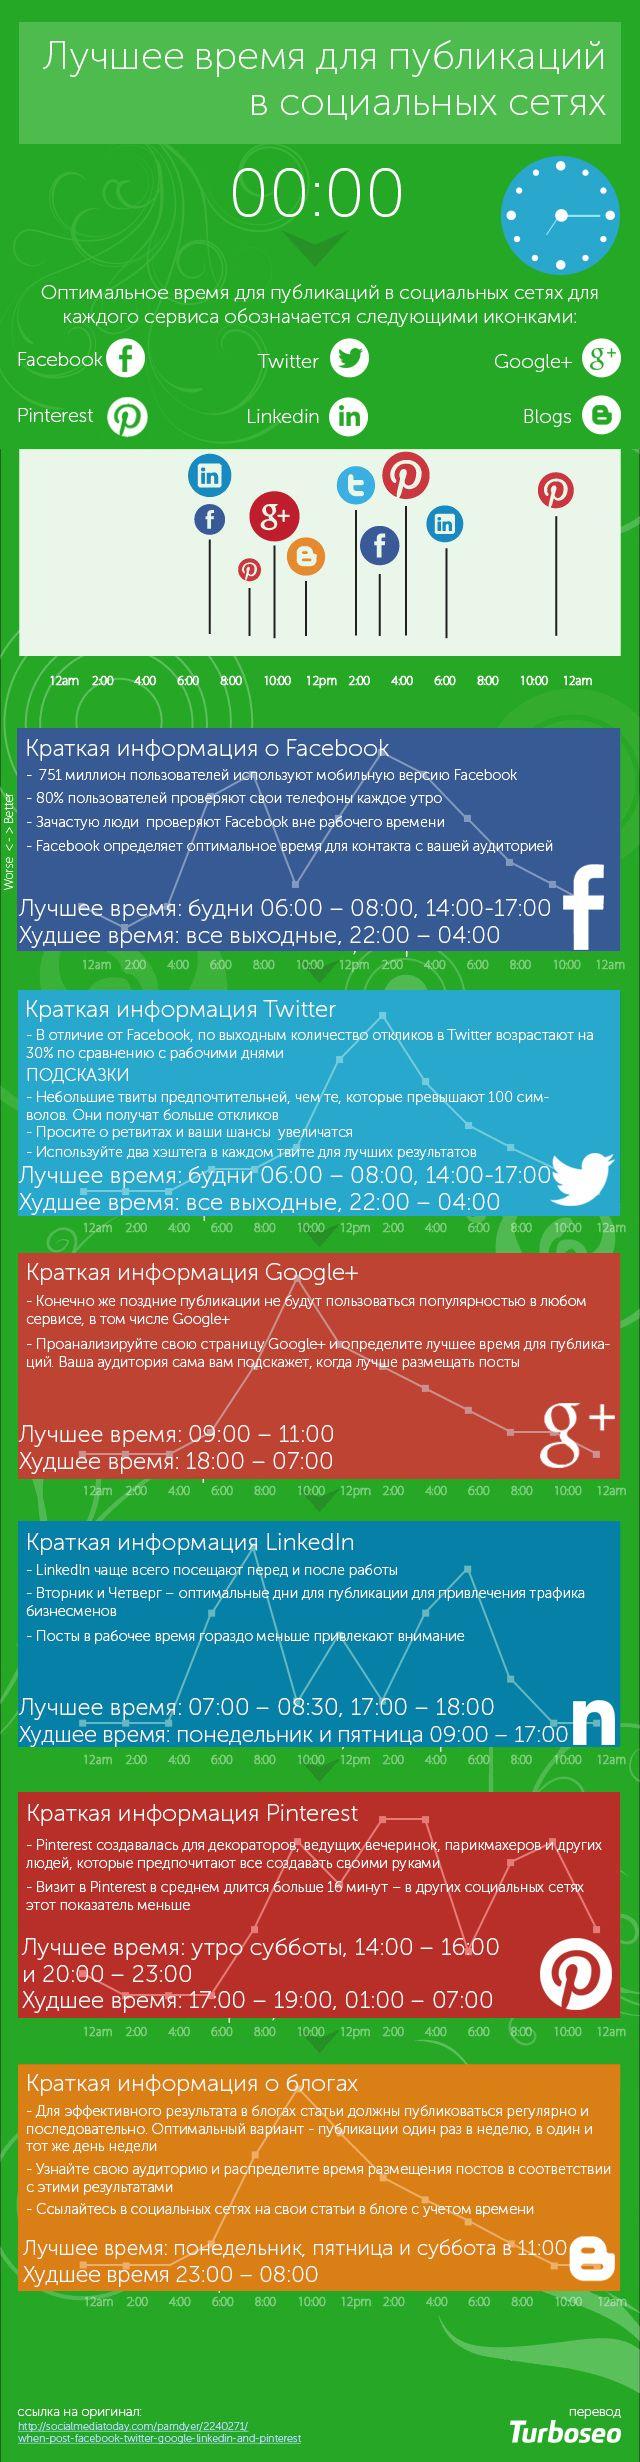 Лучшее время для размещения публикаций в Facebook, Twitter, Google+, Linkedln, Pinterest [Инфографика]